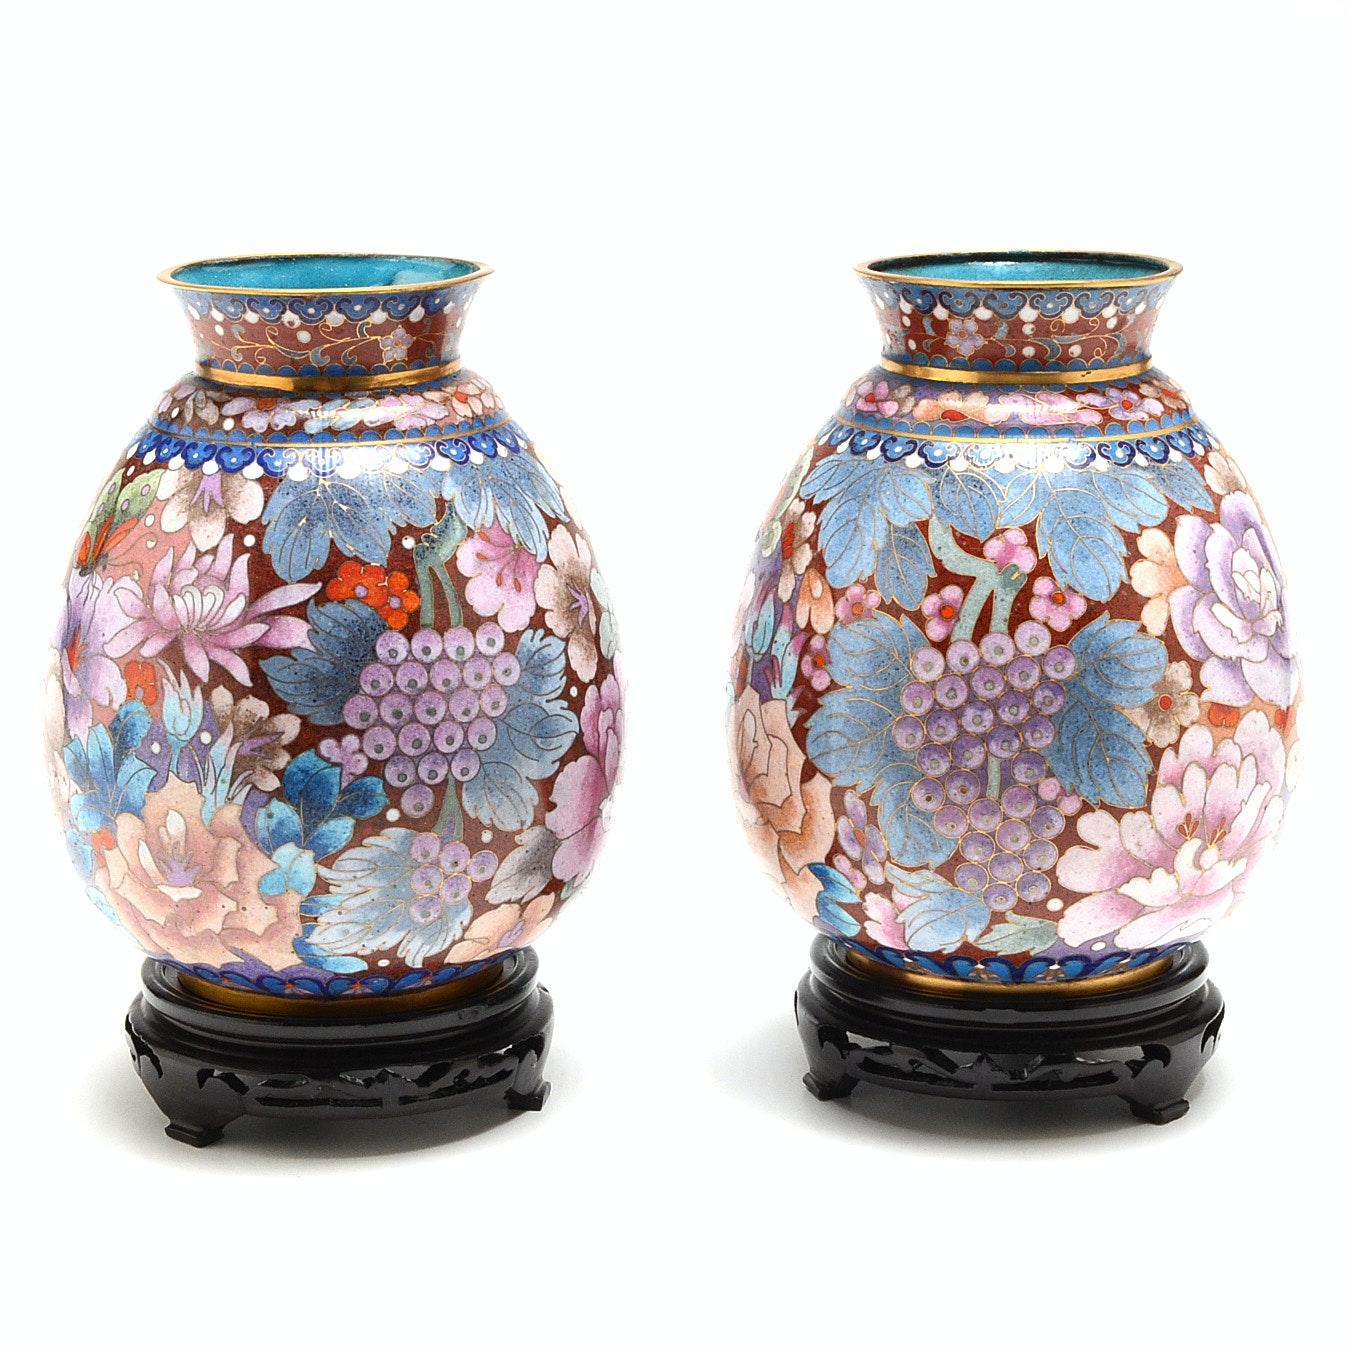 Pair of Chinese Cloissene Ginger Jar Vases